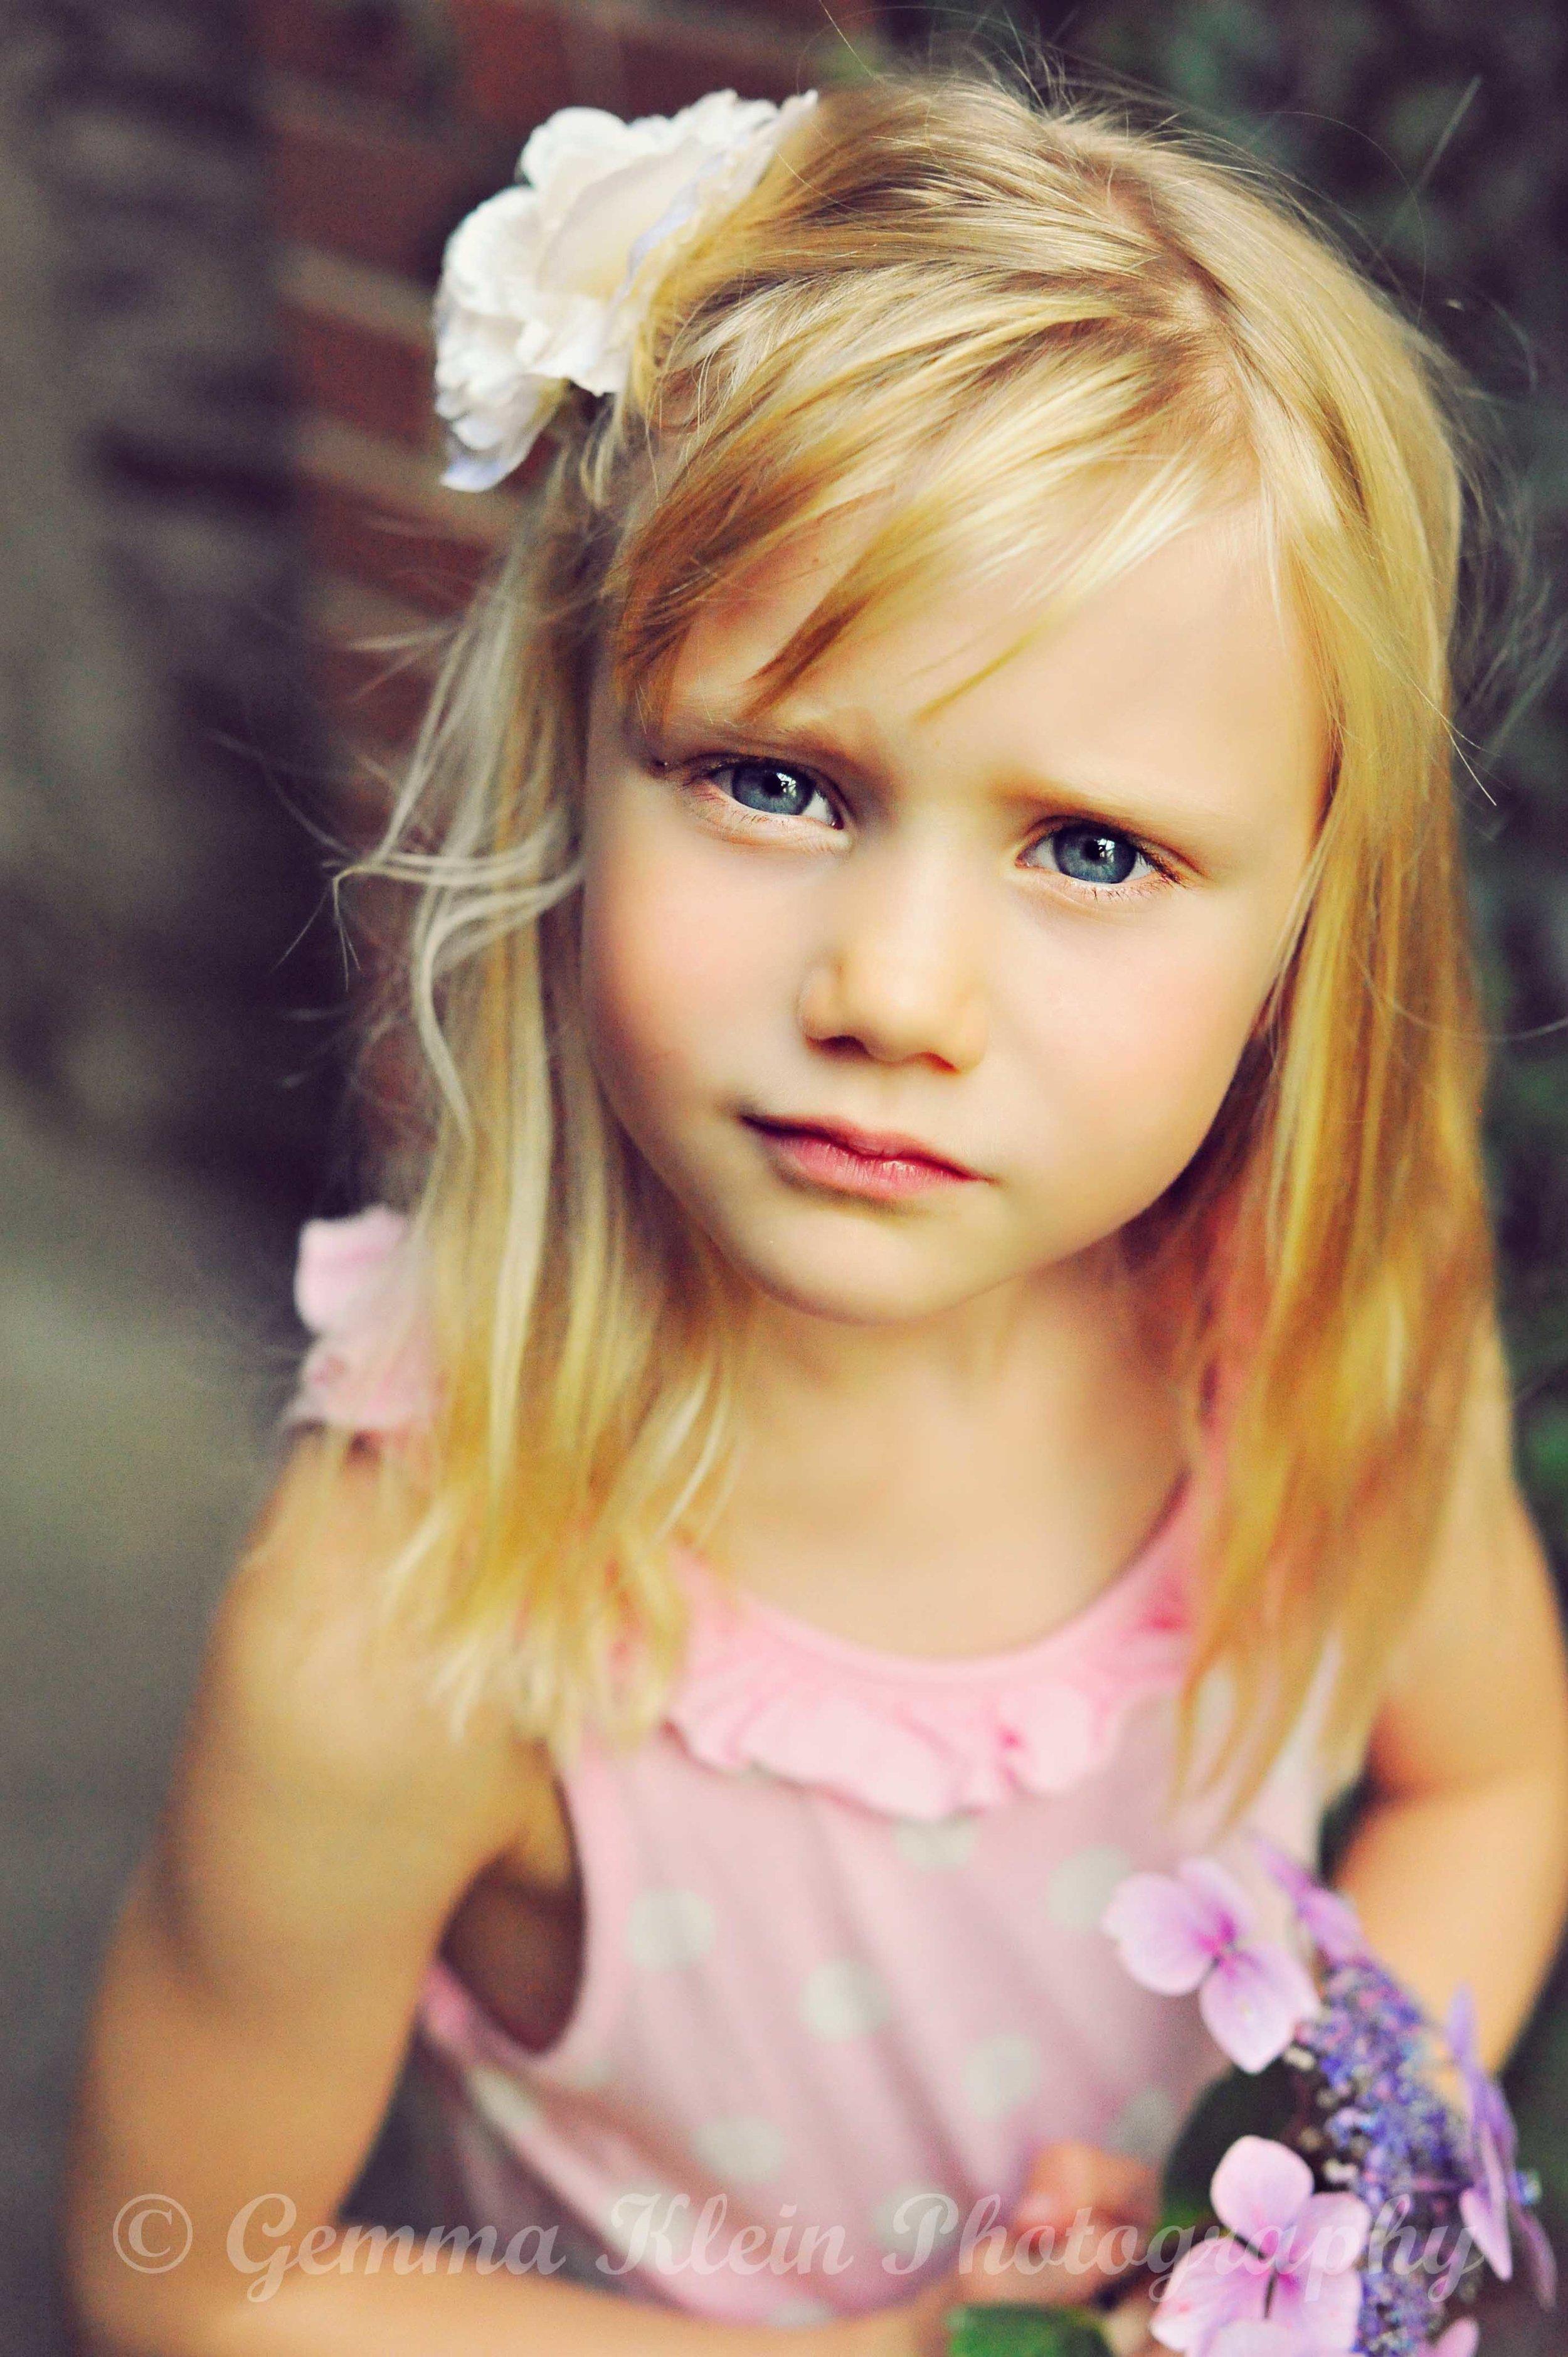 Child Portrait_Gemma Klein Photography_003.jpg